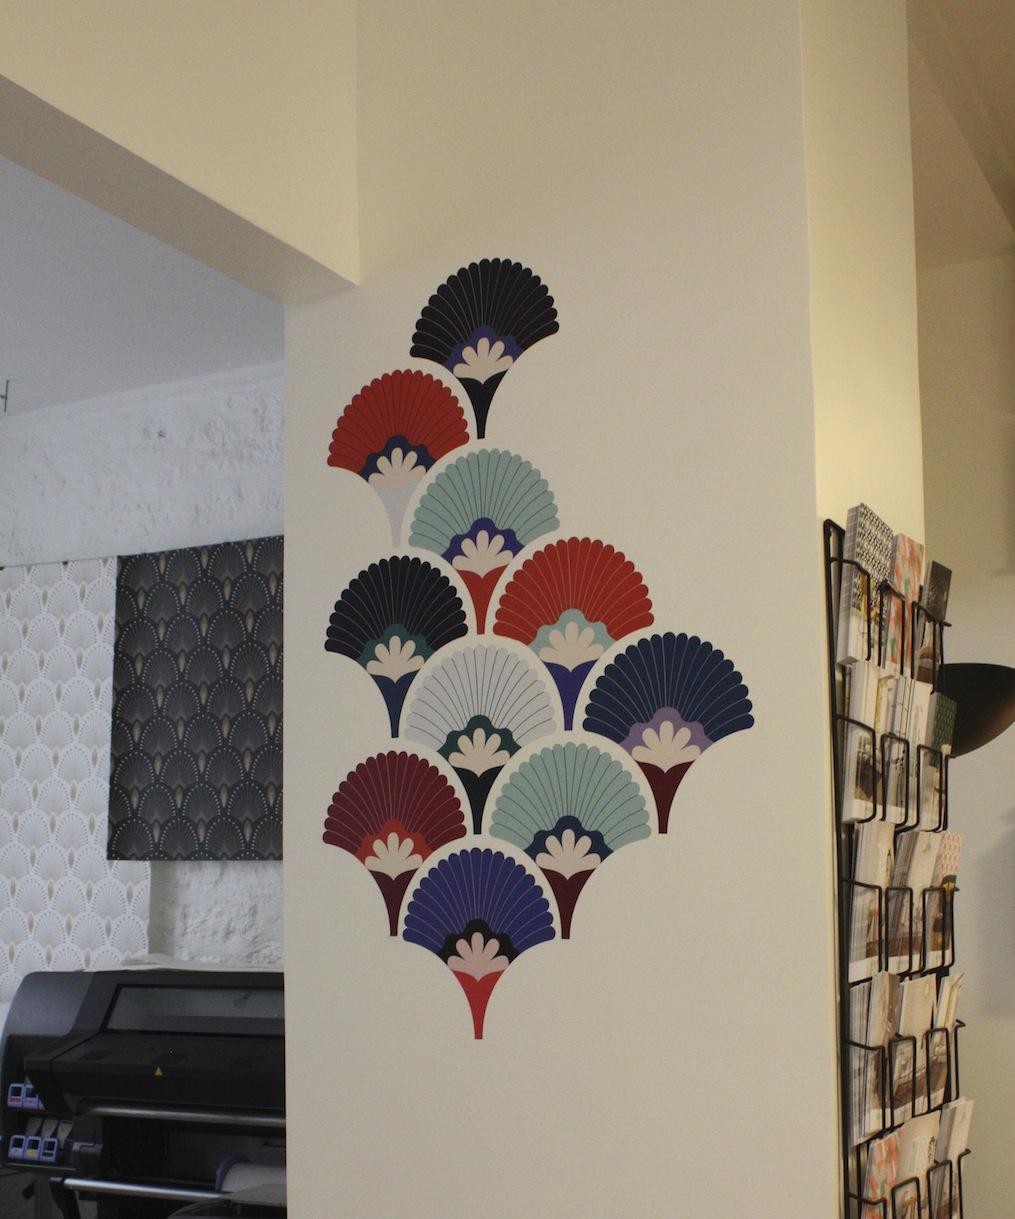 papier peint adh sif pr t poser de papermint le blog. Black Bedroom Furniture Sets. Home Design Ideas